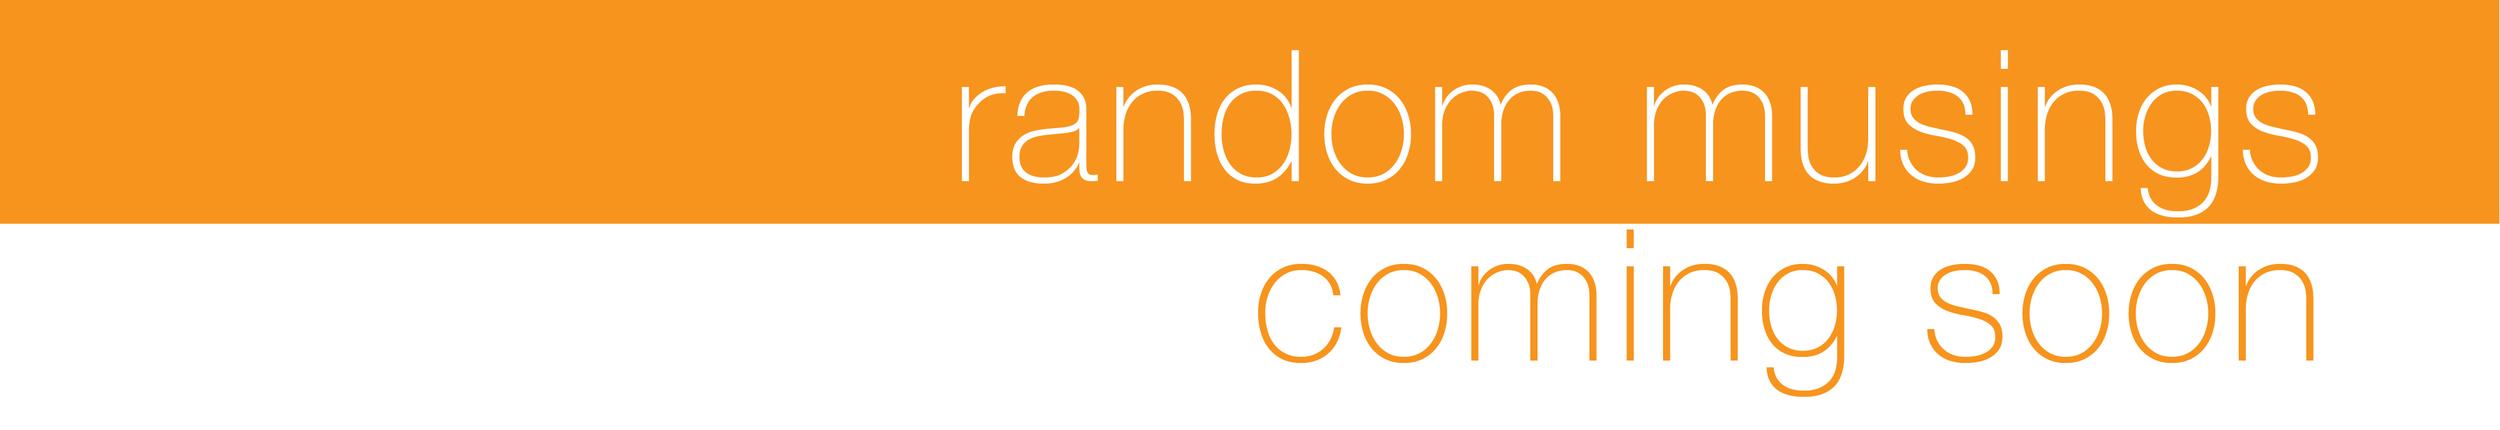 random musings-07-07.png